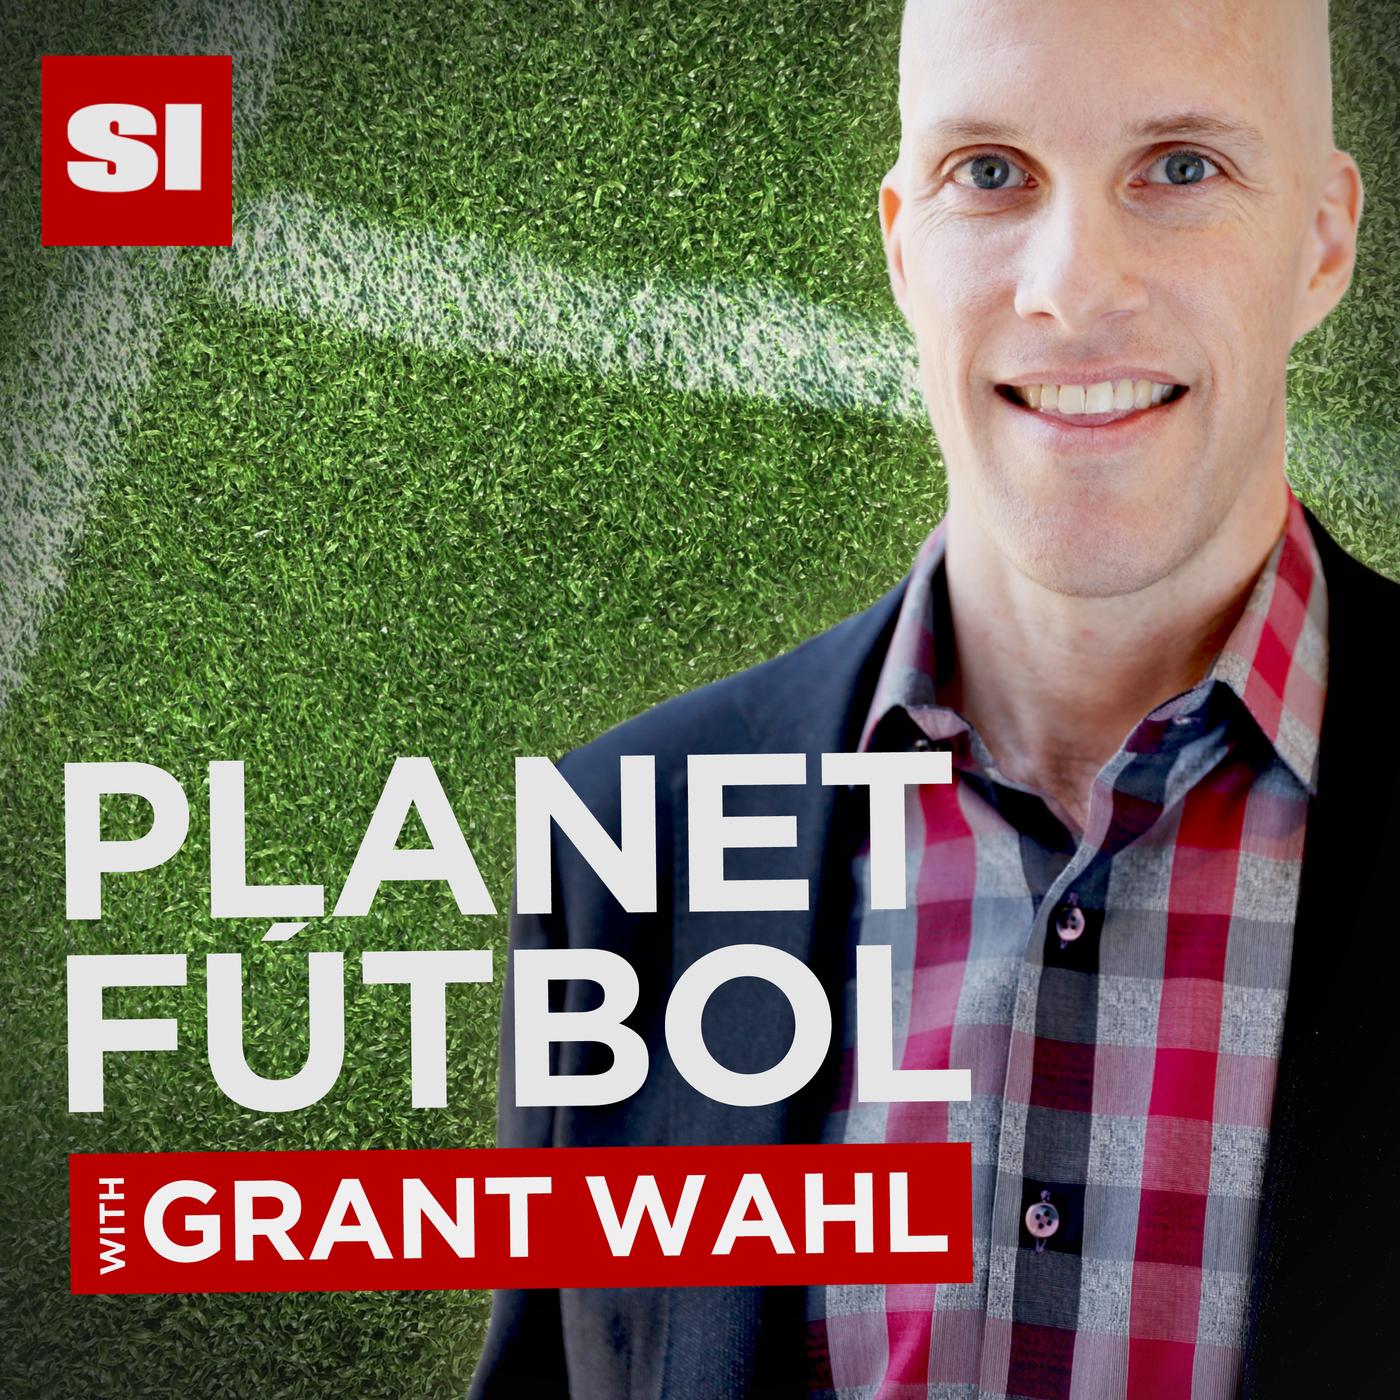 5b26799de Planet Fútbol with Grant Wahl